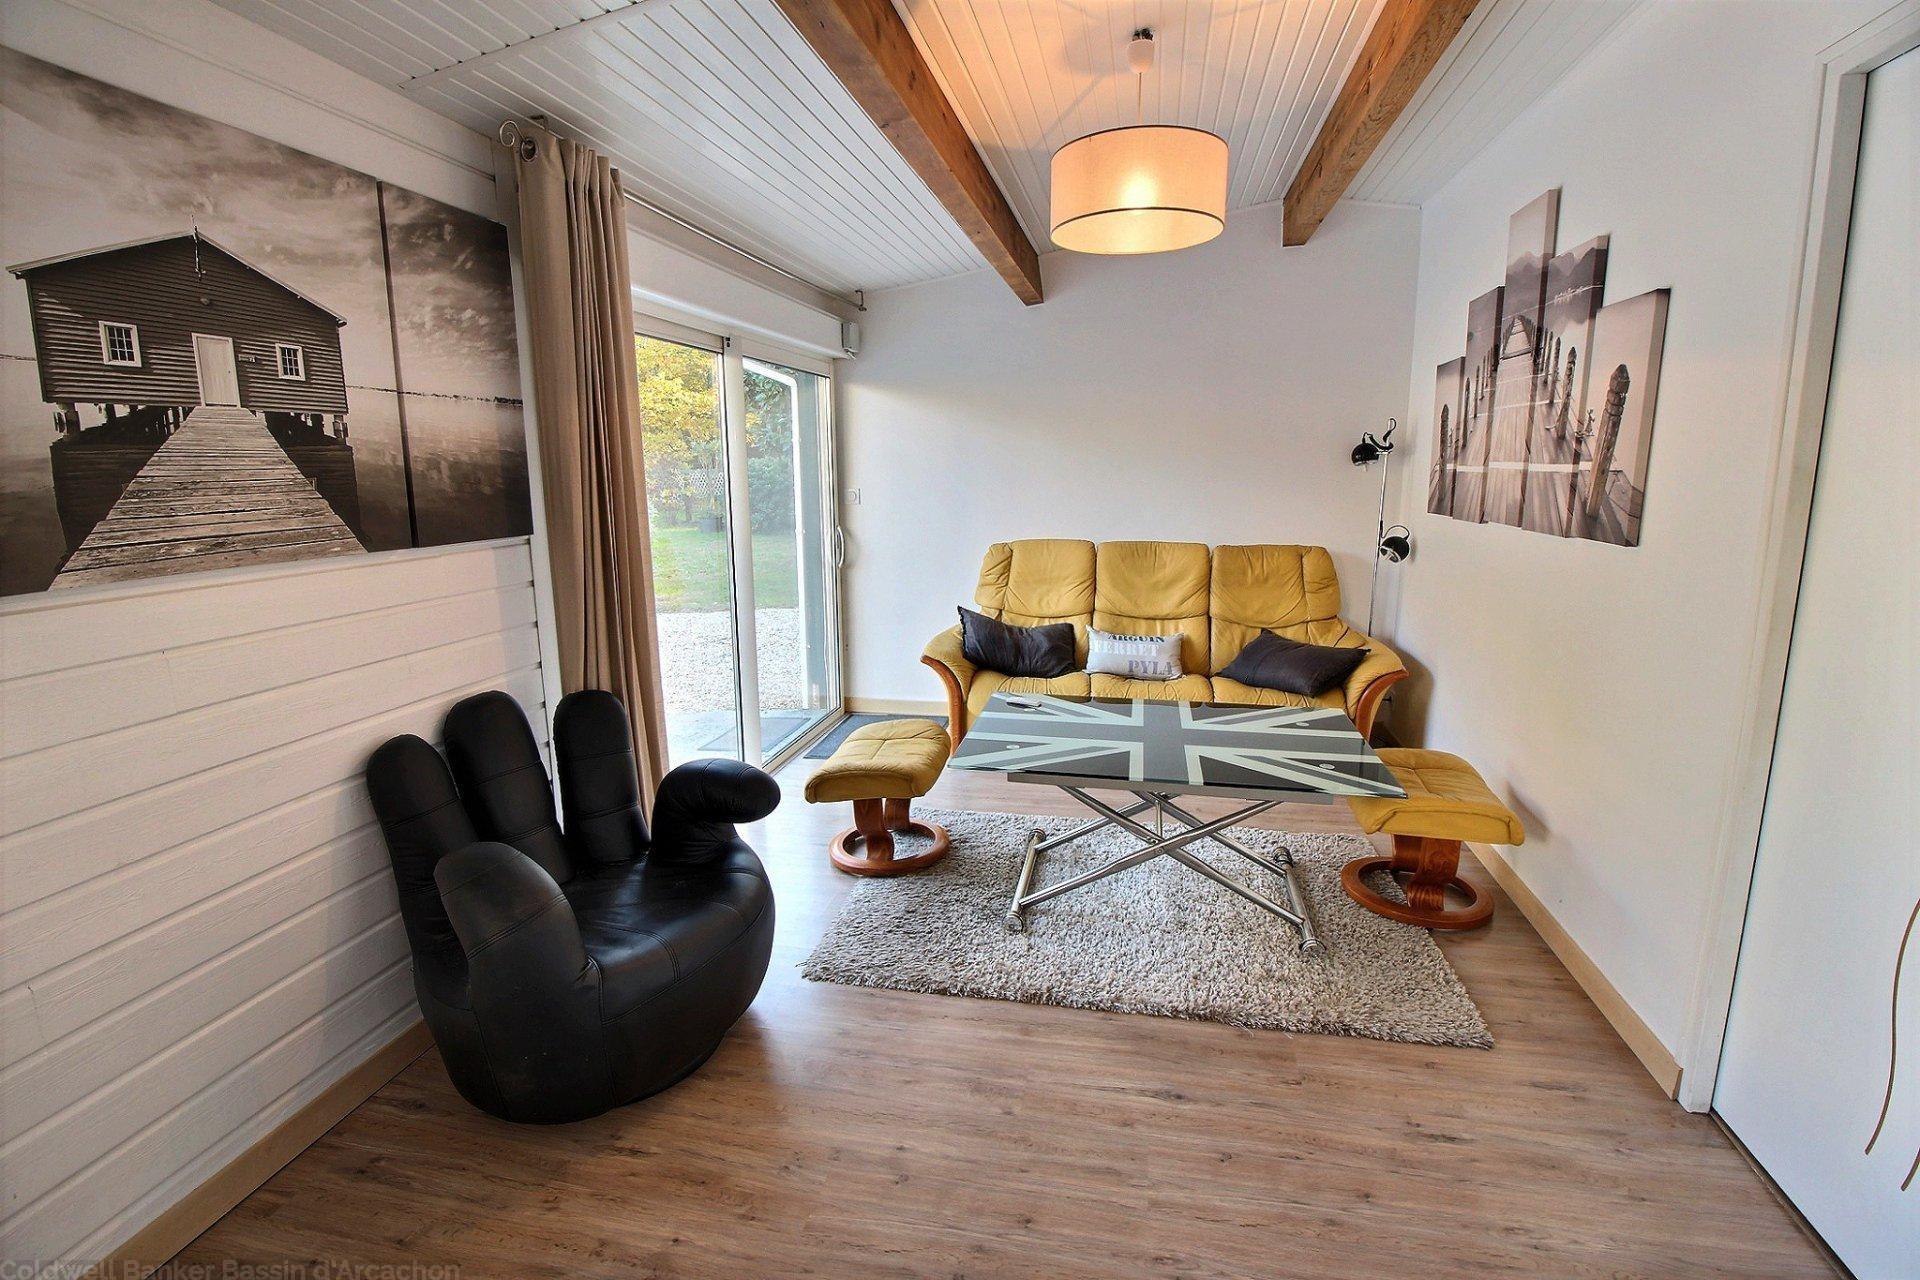 Achat maison familiale 5 chambres avec terrain et piscine gujan mestras